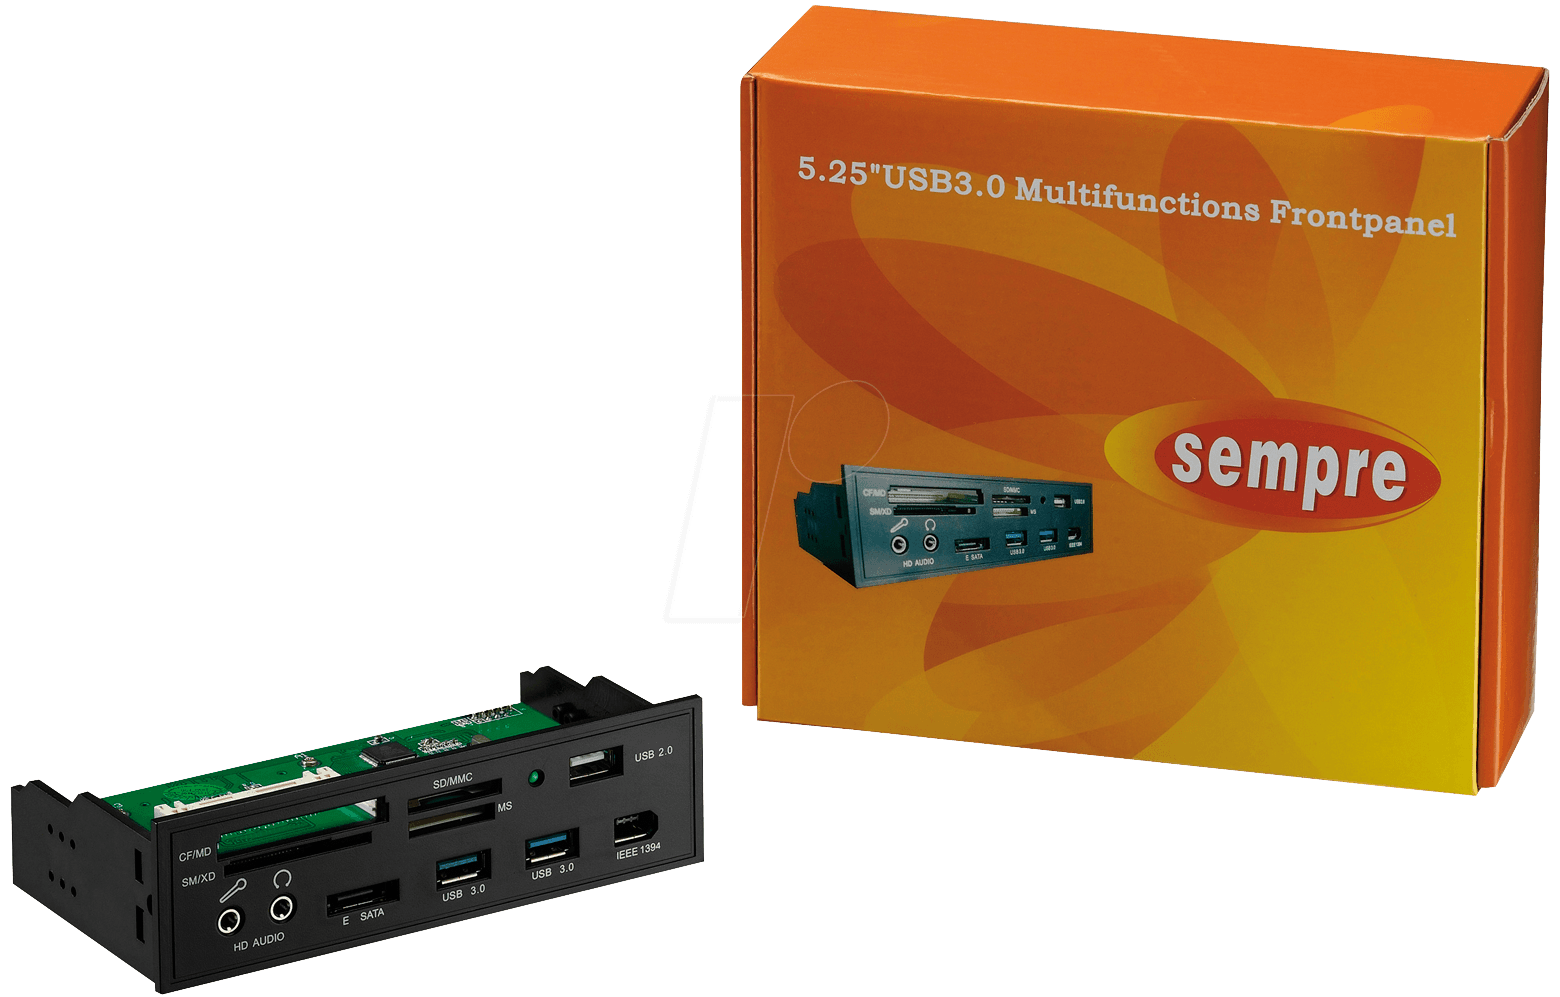 https://cdn-reichelt.de/bilder/web/xxl_ws/E910/SEMPRE_FP_USB3_03.png